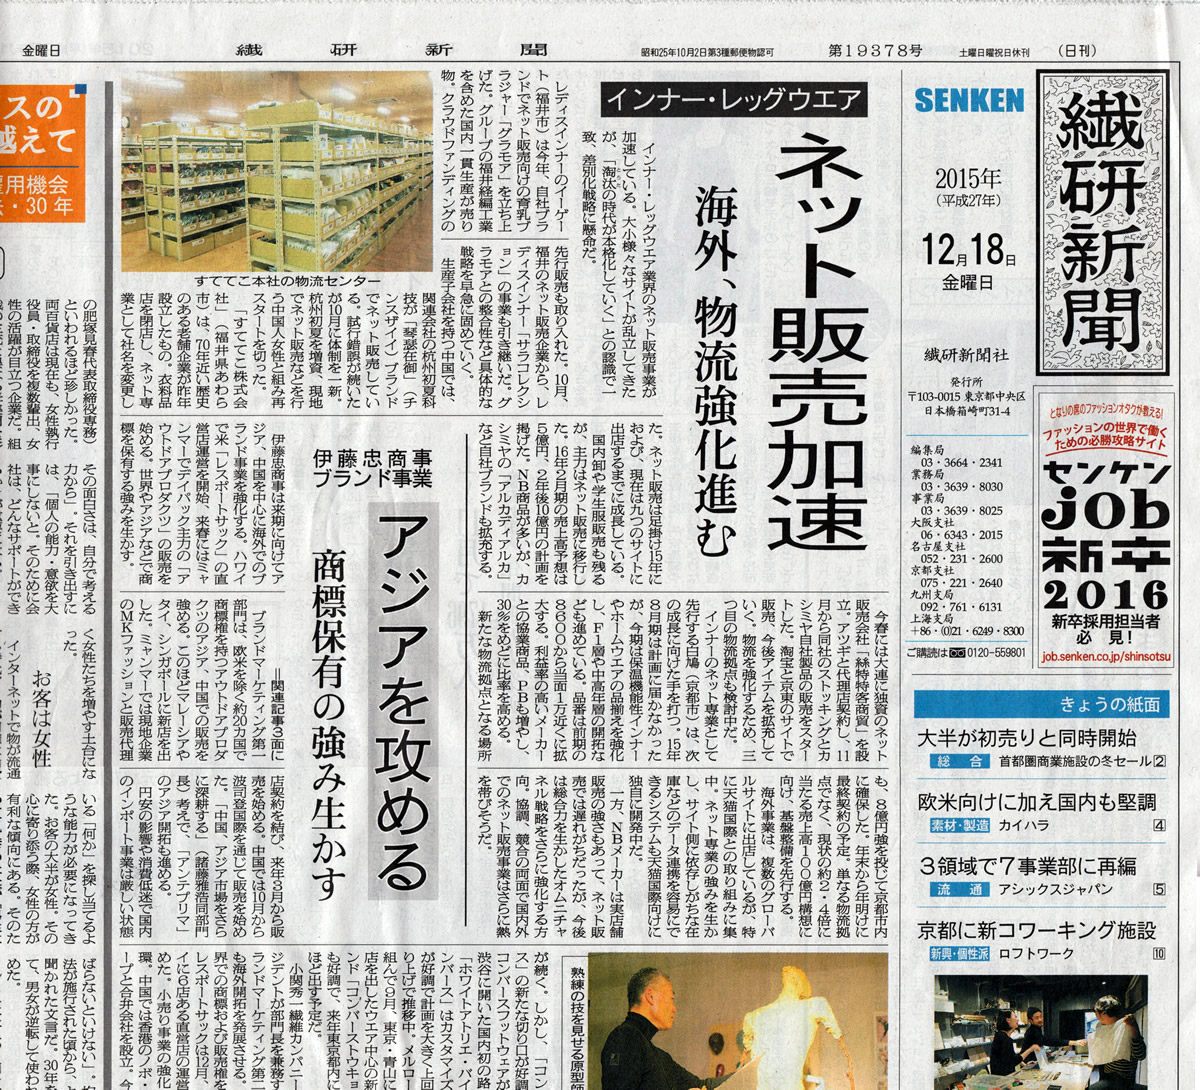 繊研新聞にて掲載「ネット販売加速」